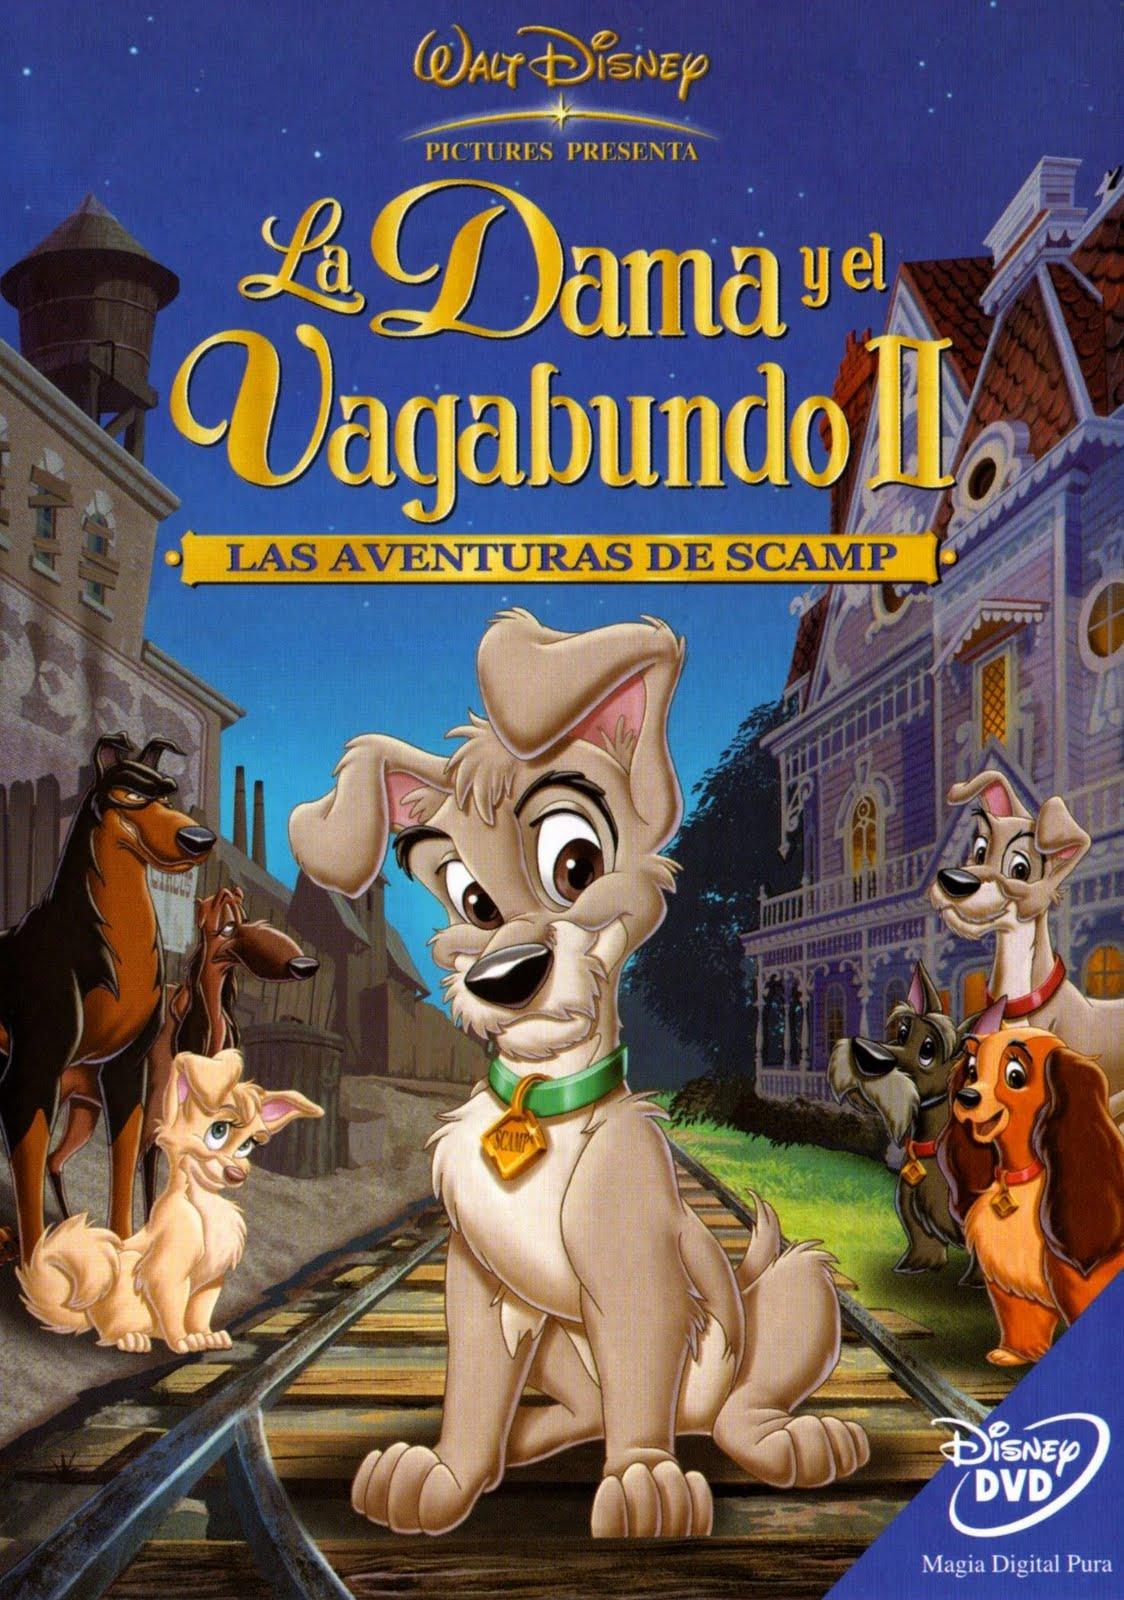 caratula dvd dama vagabundo: